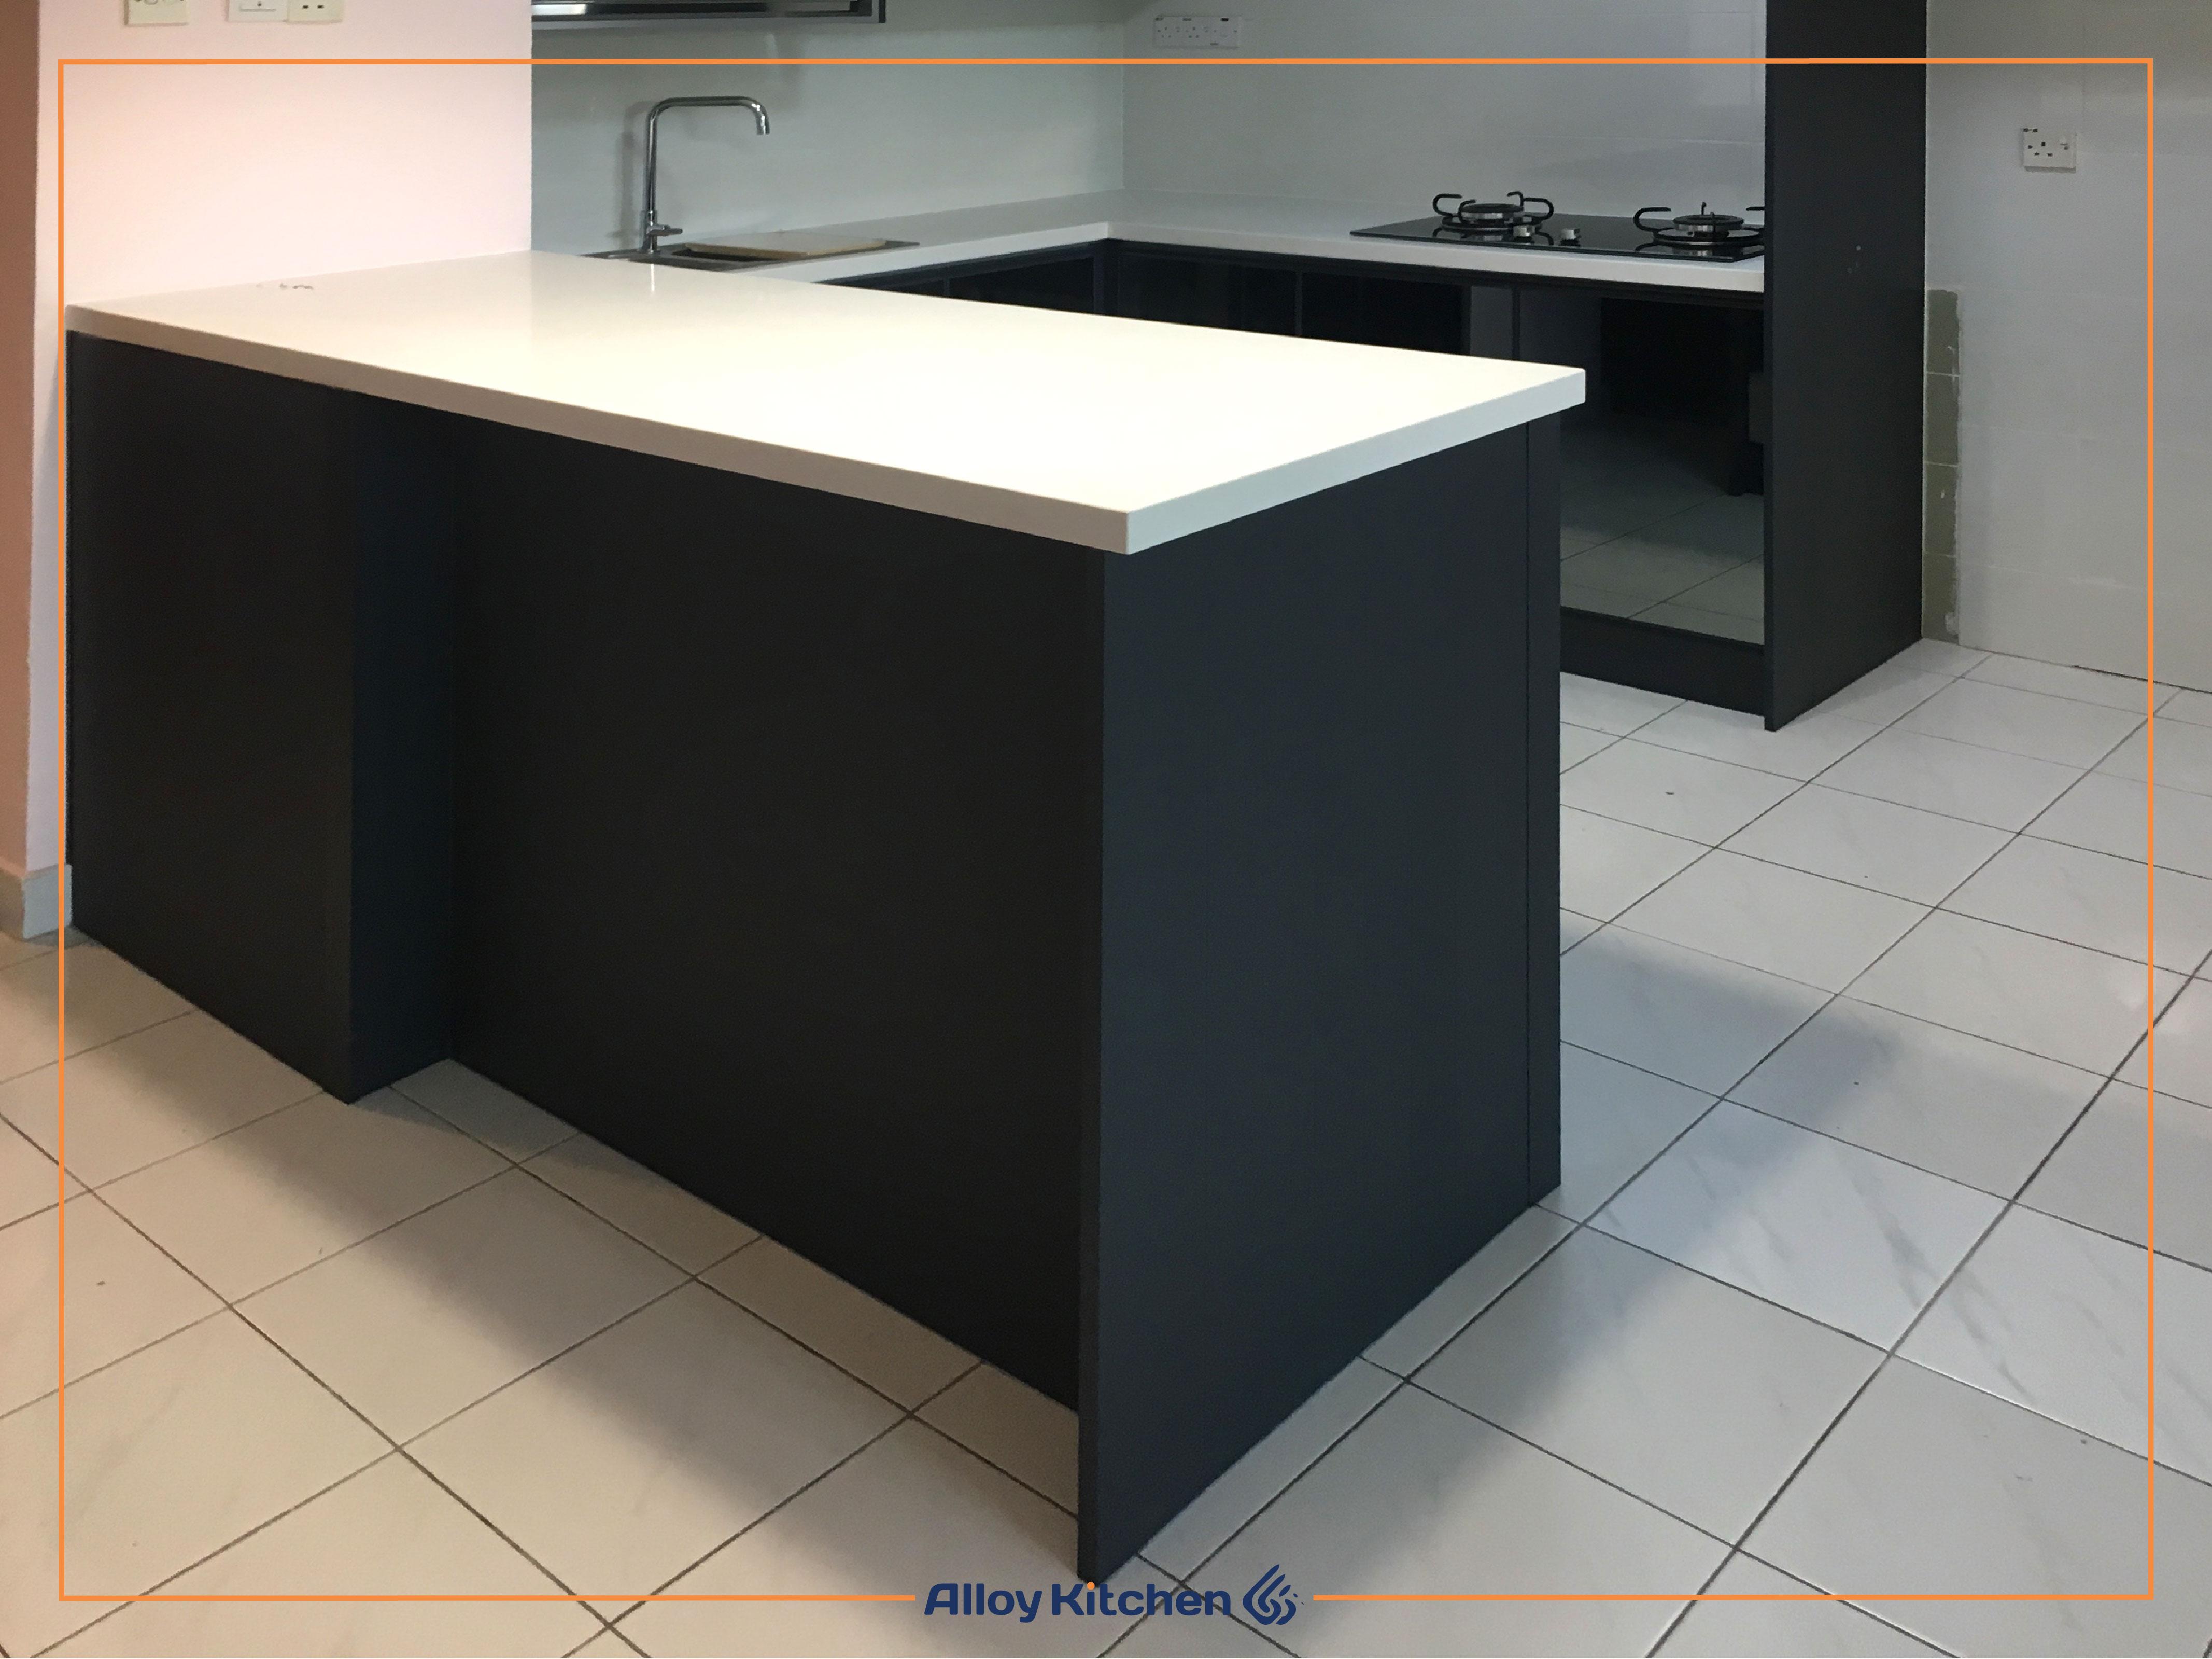 Alloy_Kitchen_Aluminium_Kitchen_Island / Alloy Kitchen Aluminium Kitchen Island